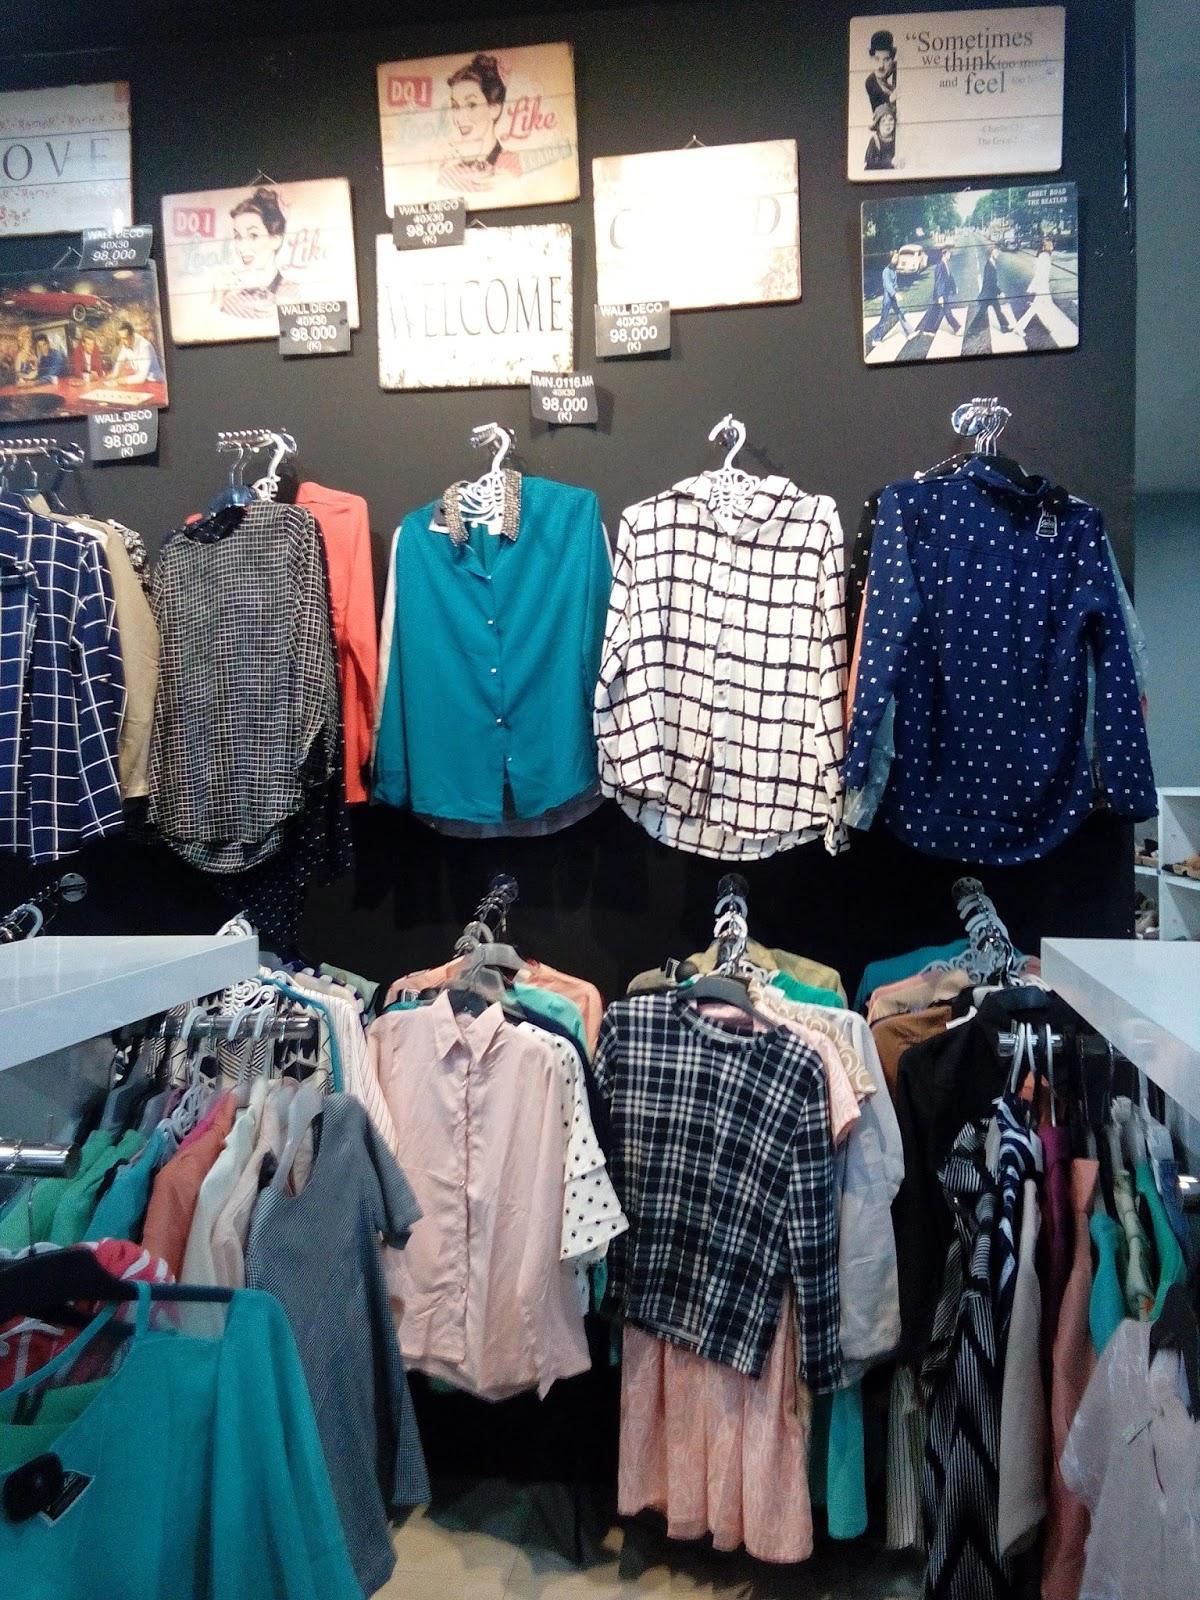 produk fashion baju kemeja dress gamis celana Jolie Jogja Wirobrajan